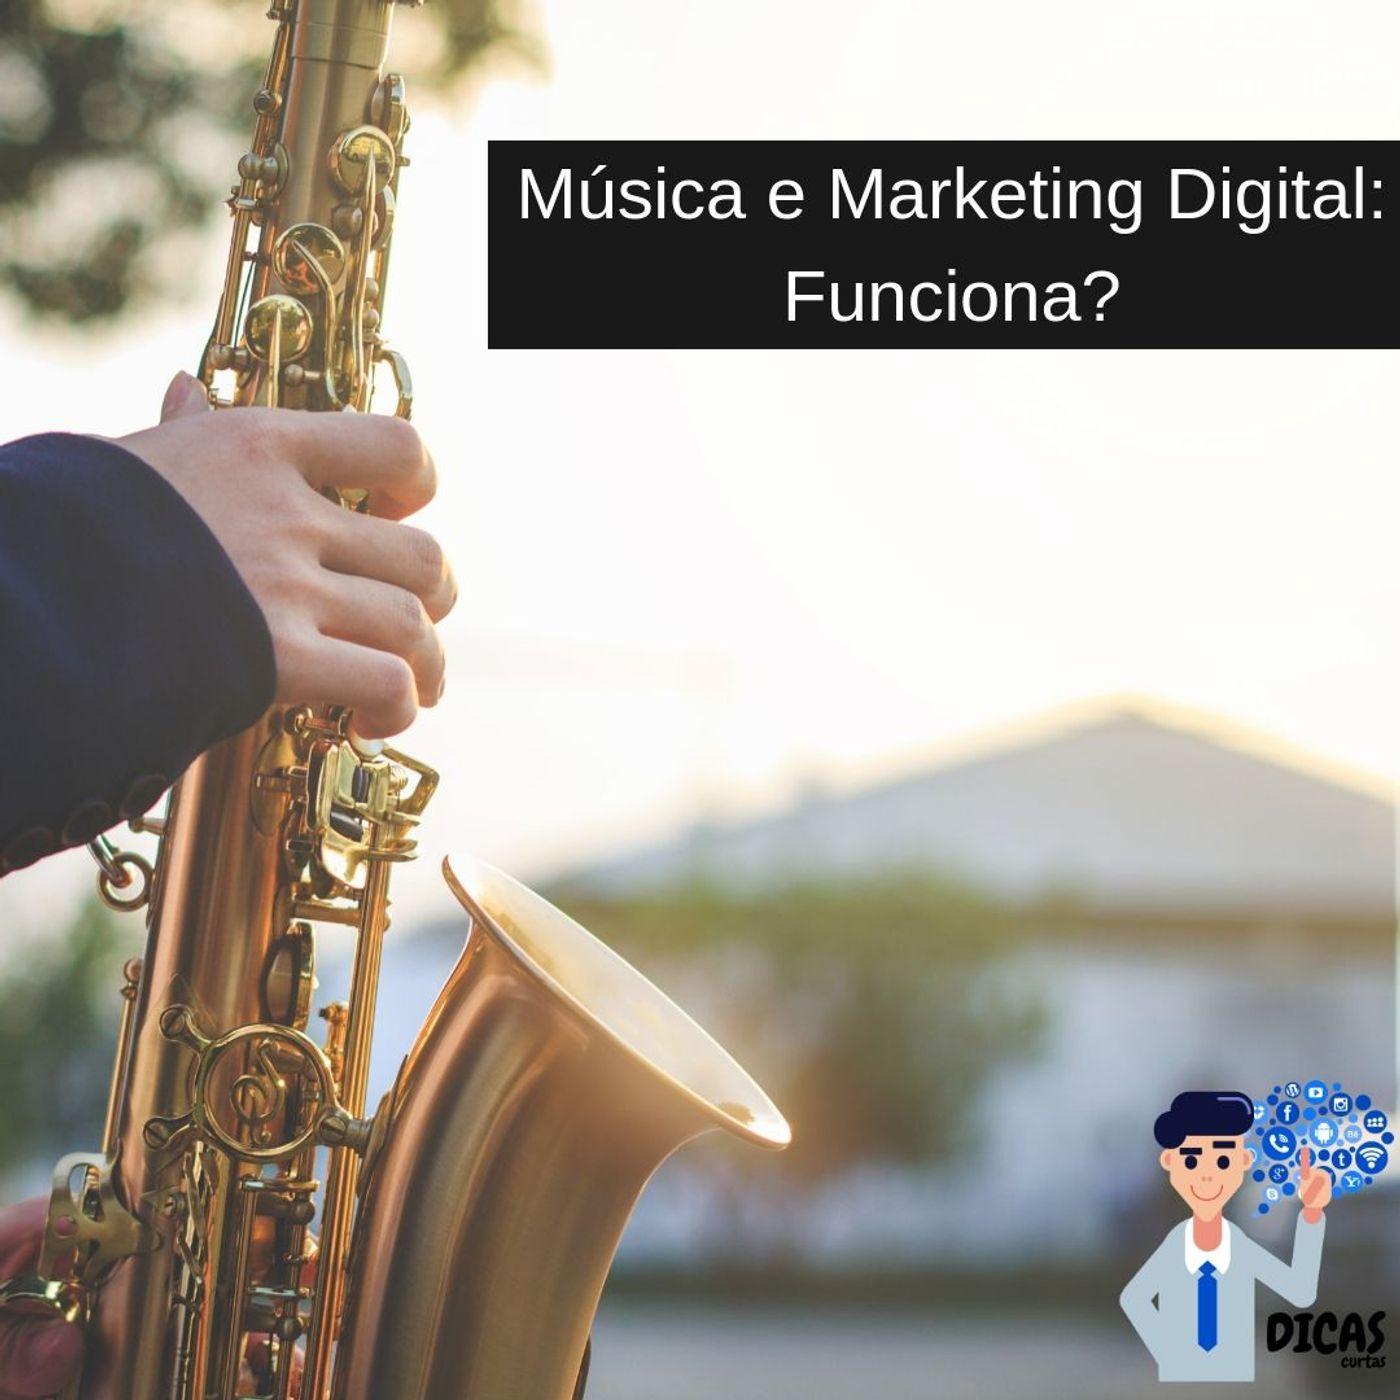 081 Música e Marketing Digital: Funciona?